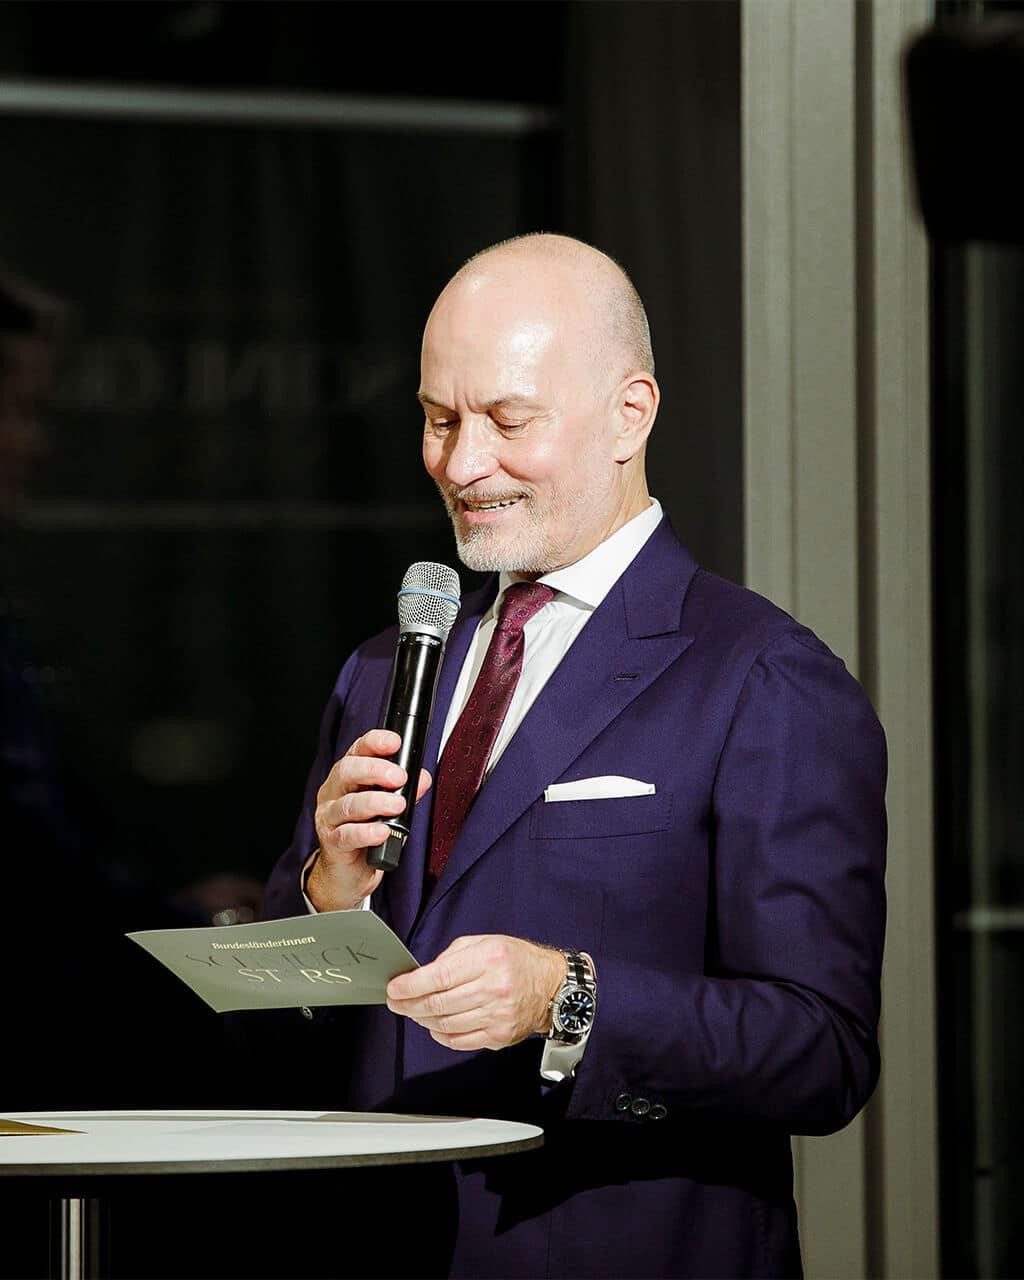 Leo Wittwer Auszeichnung Schmuckstars Gala